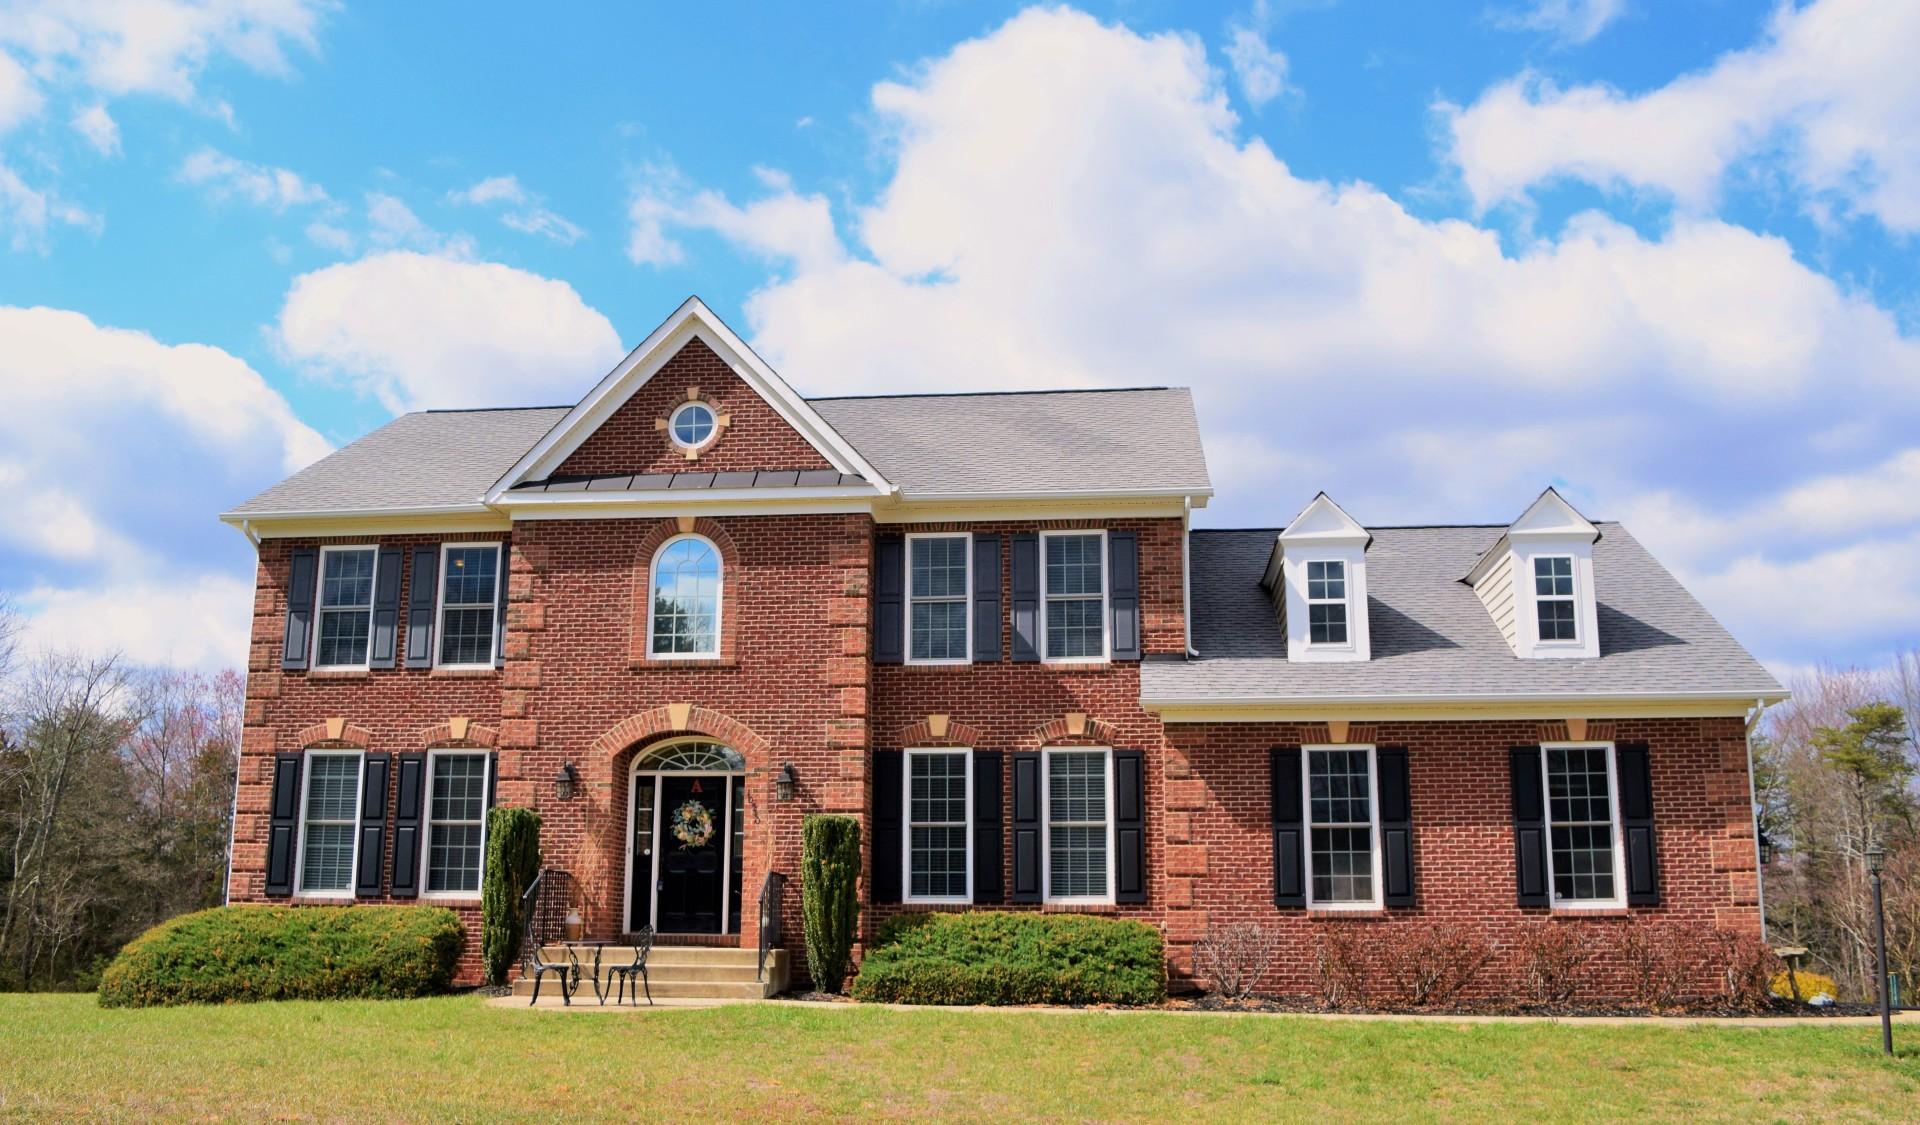 Sold! 10476 Shortcut Road, Catlett, VA 20119